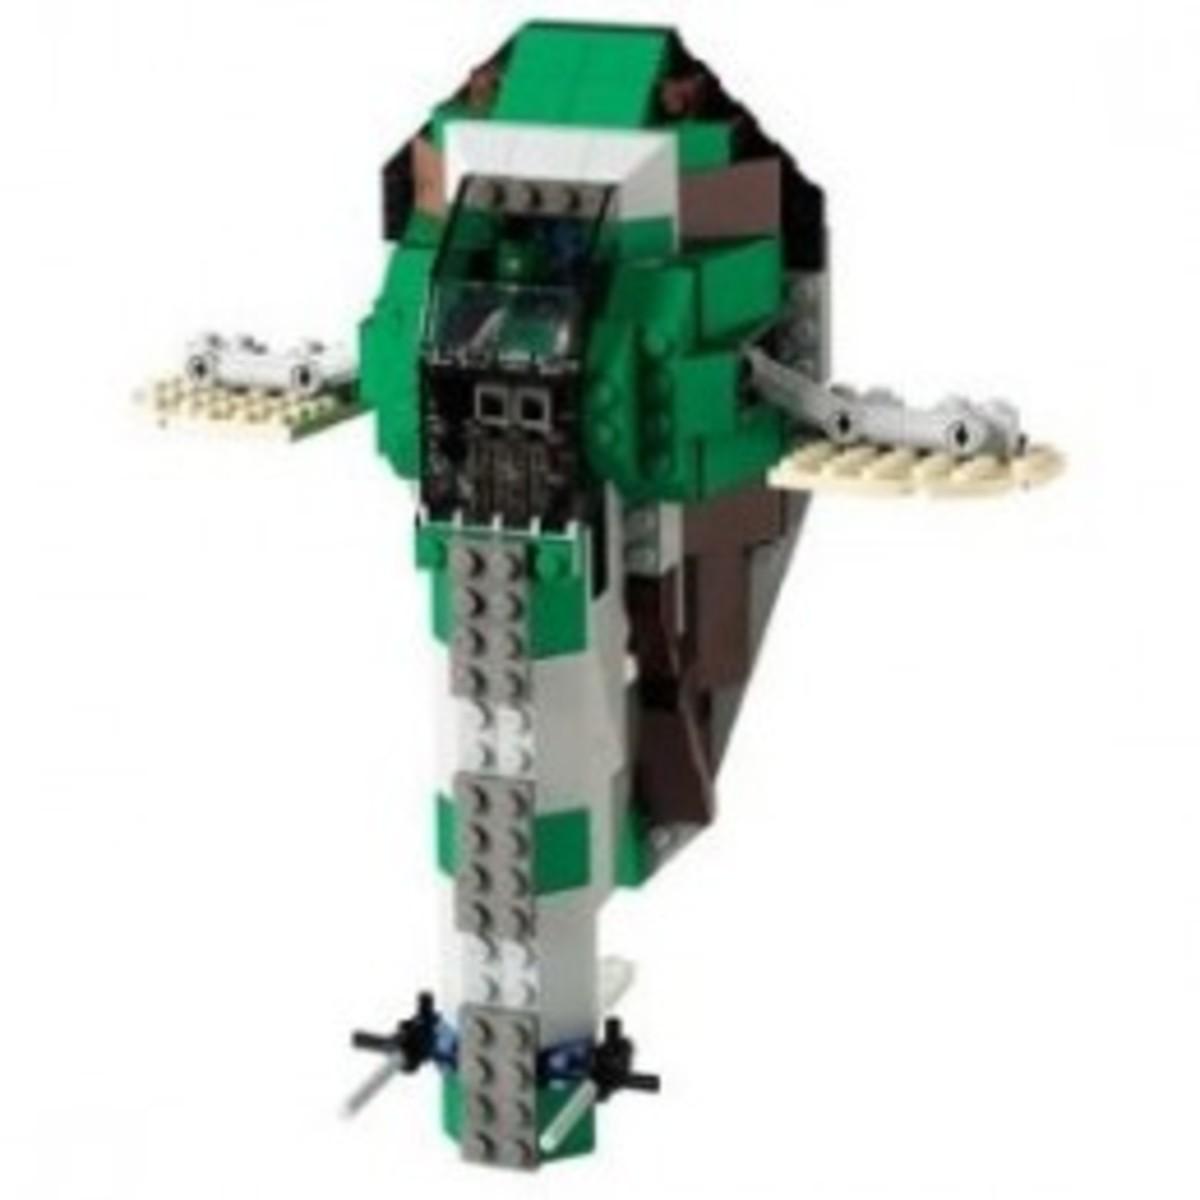 Lego Star Wars Slave-I 7144 Assembled